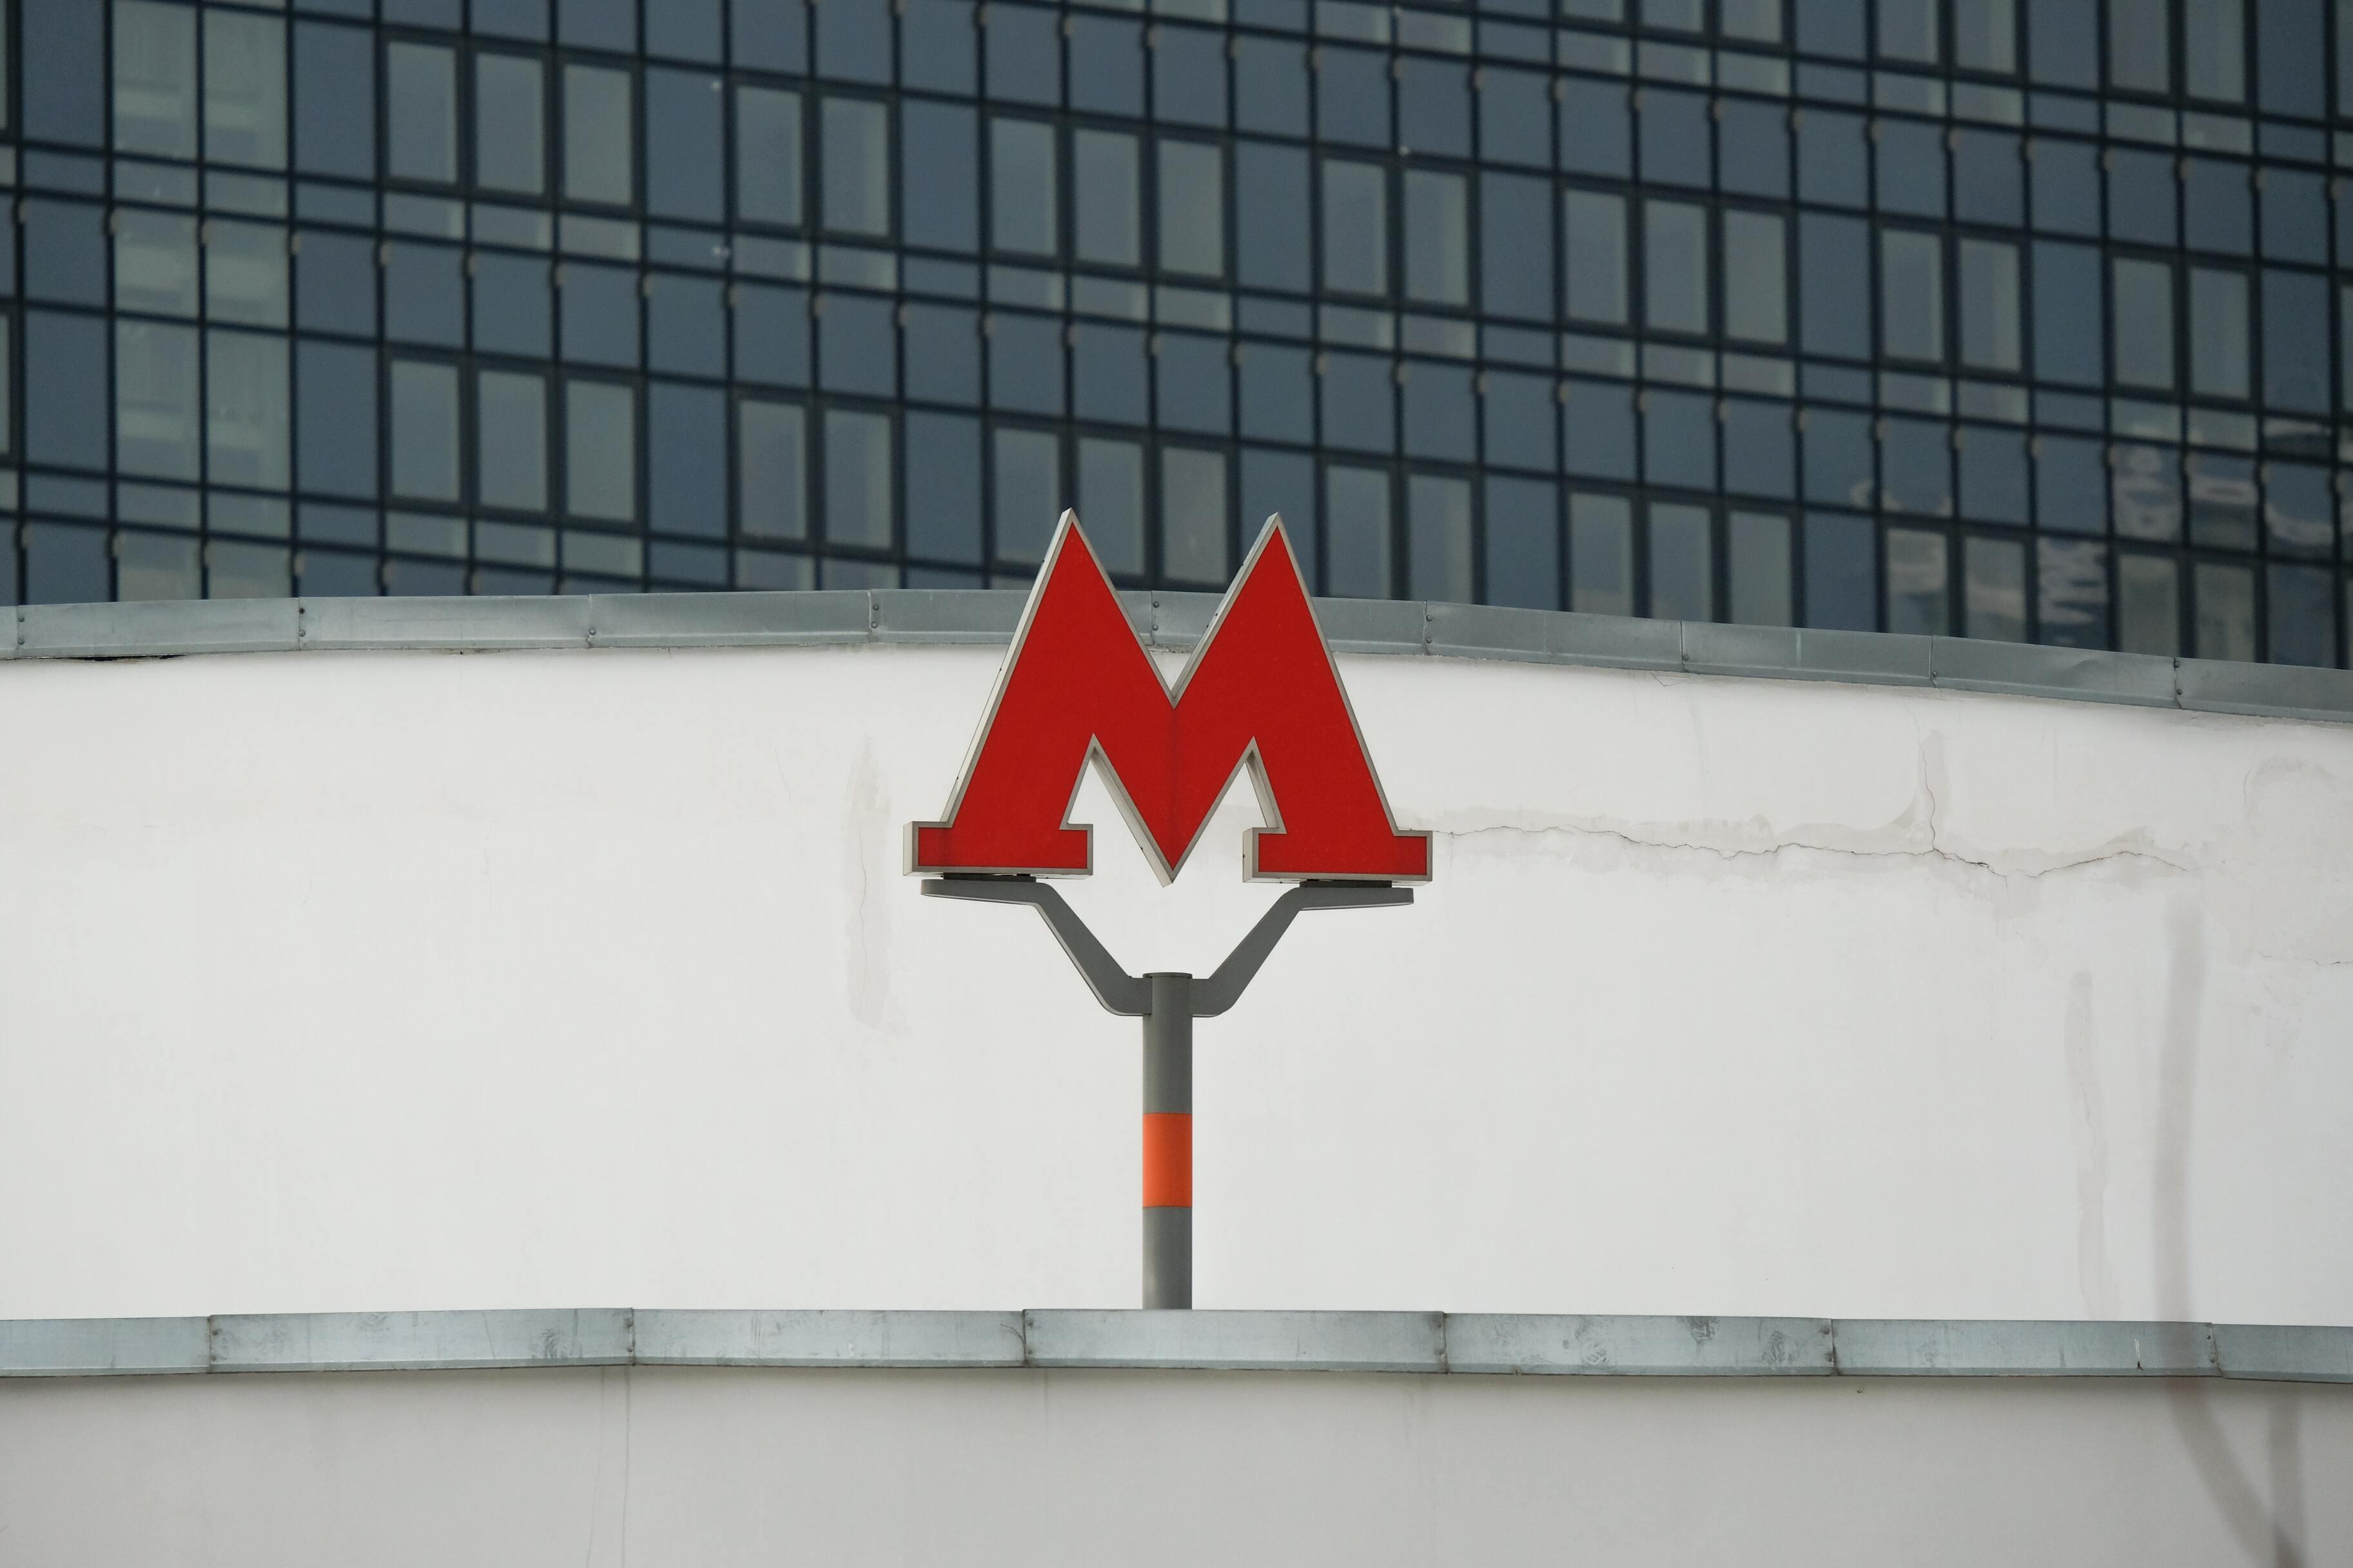 В московском метро запустят 5G